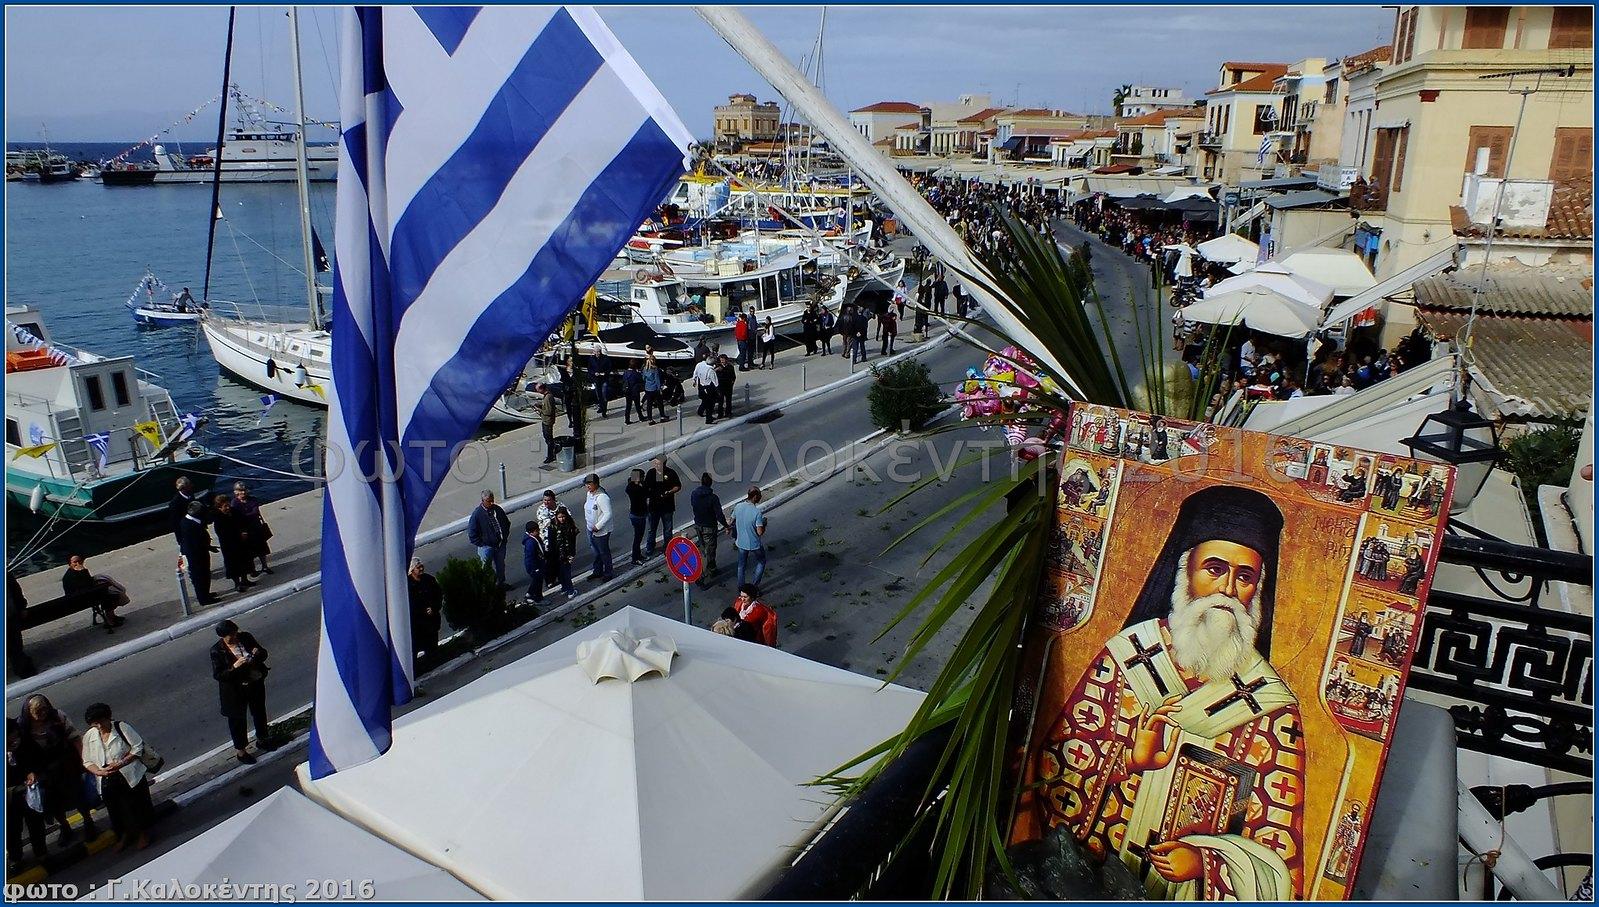 Αίγινα . Άγιος  Νεκτάριος 2016 - Aegina . St Nectarios 2016